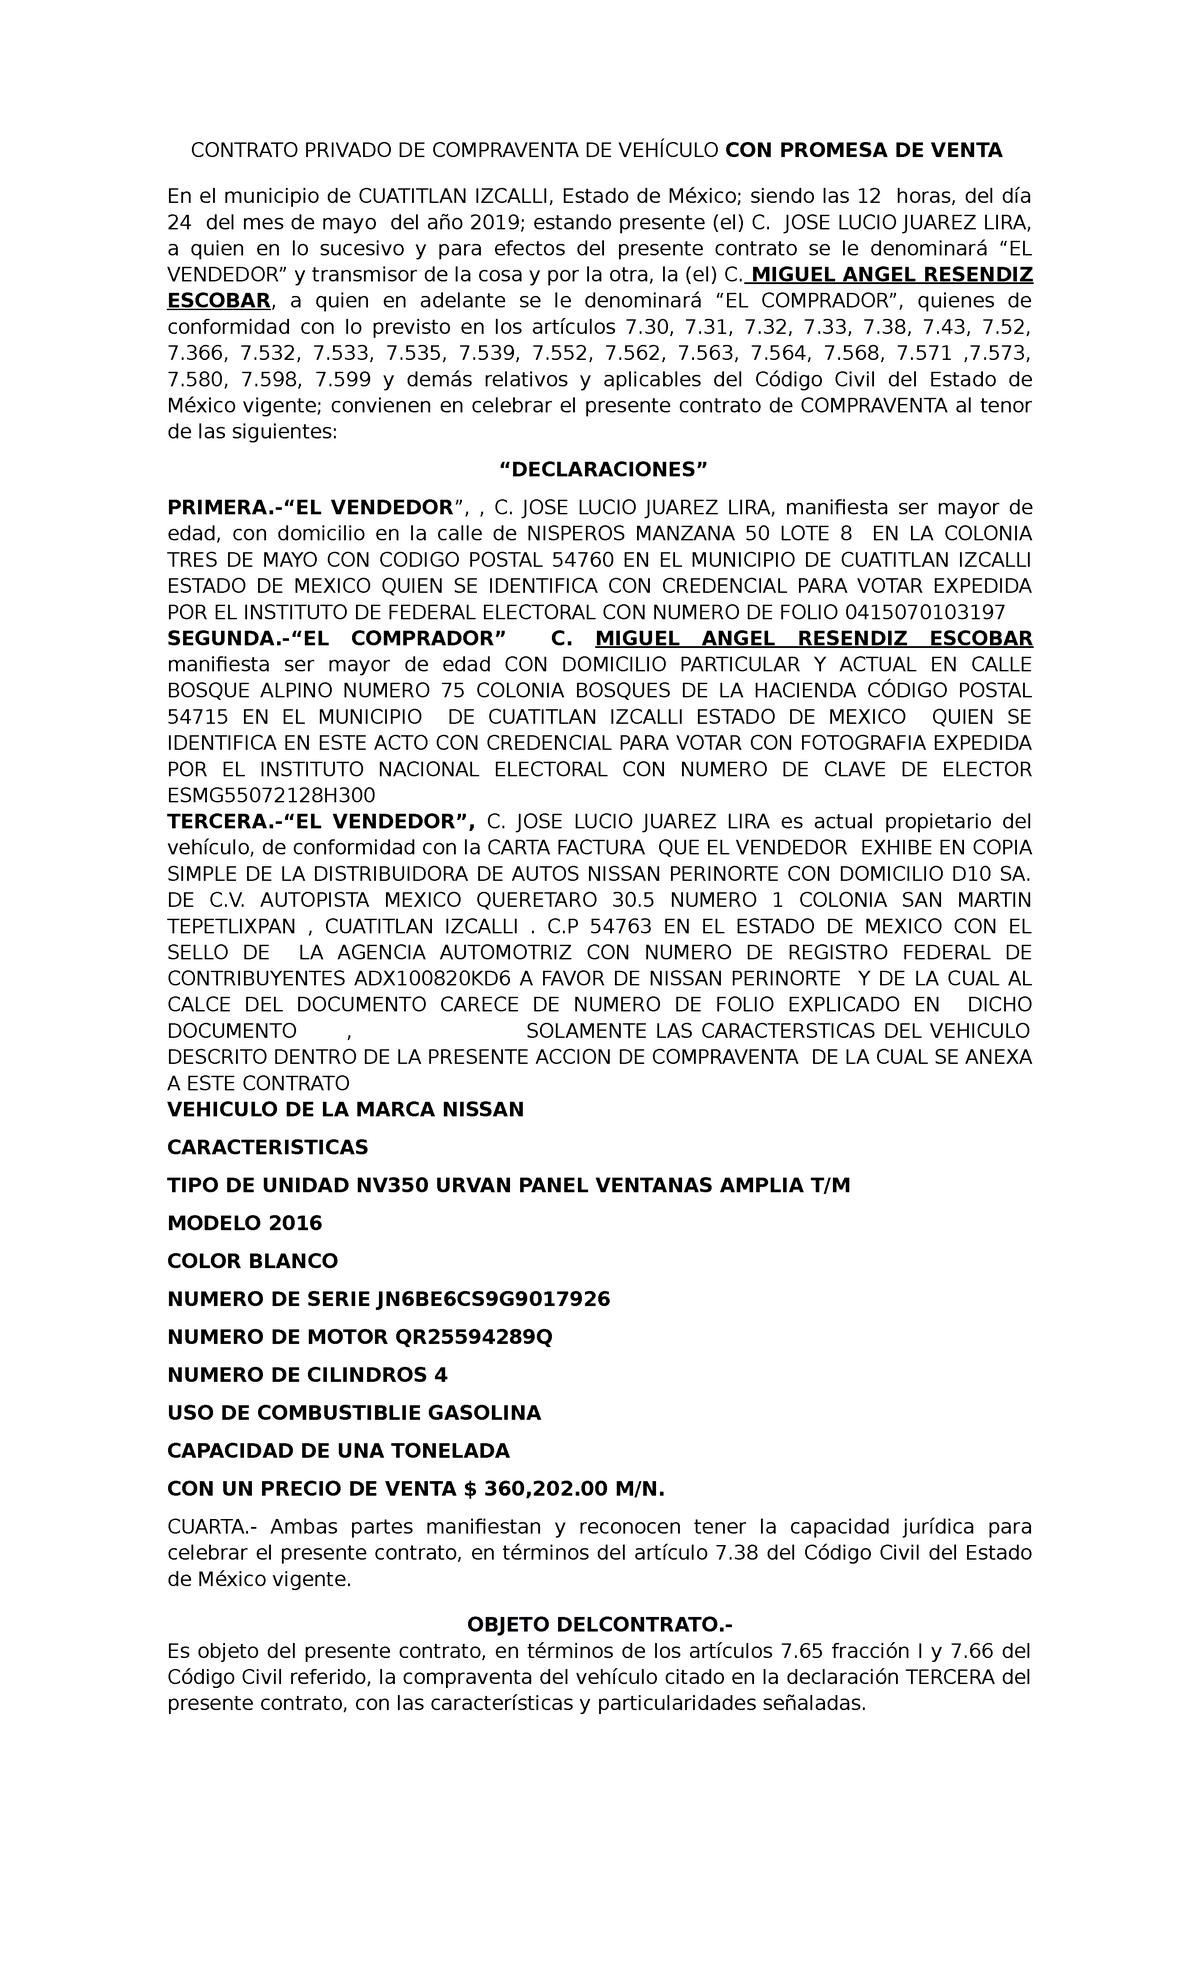 Contrato Privado De Compraventa De Vehículo Studocu